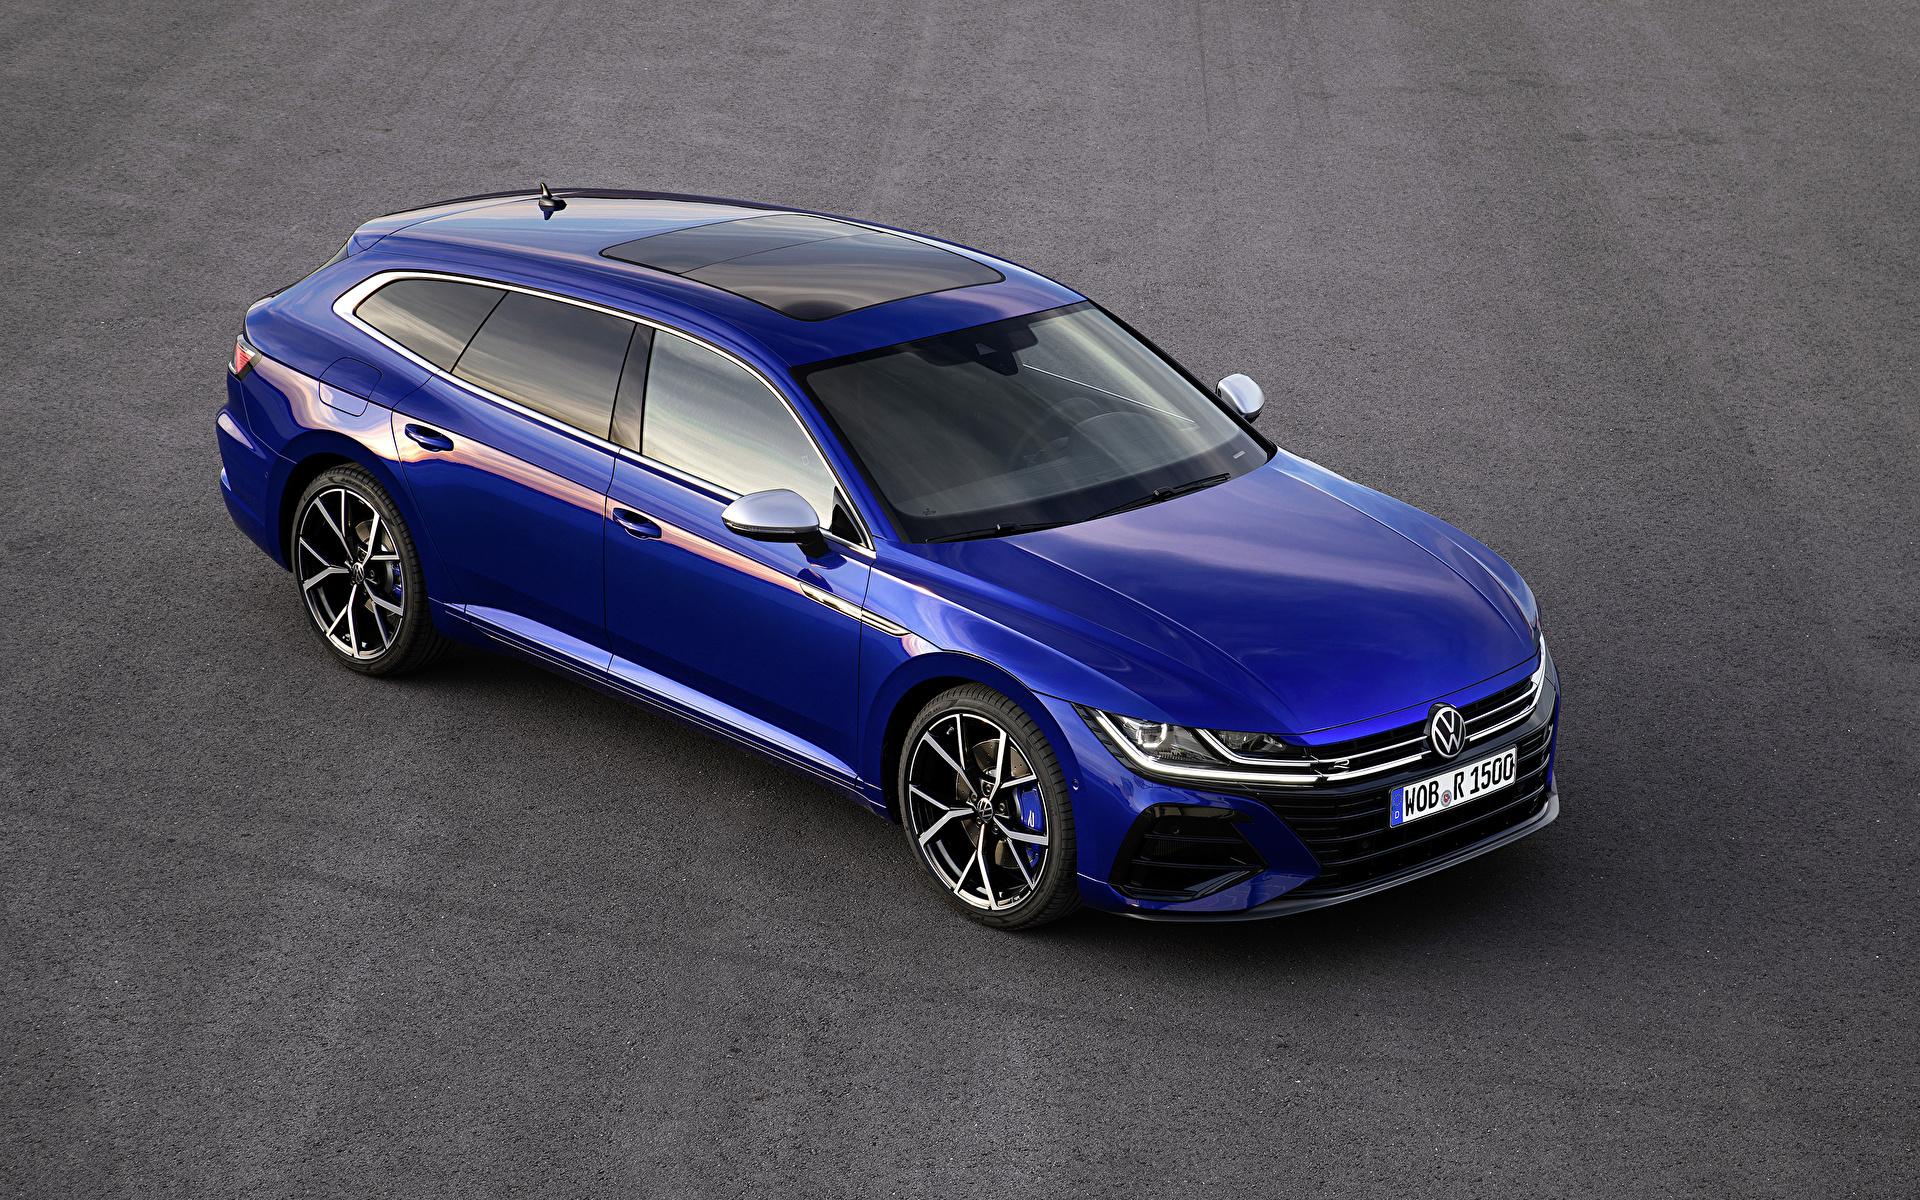 Обои для рабочего стола Volkswagen 2020 Arteon Shooting Brake R Worldwide Синий Металлик Автомобили 1920x1200 Фольксваген синяя синие синих авто машины машина автомобиль